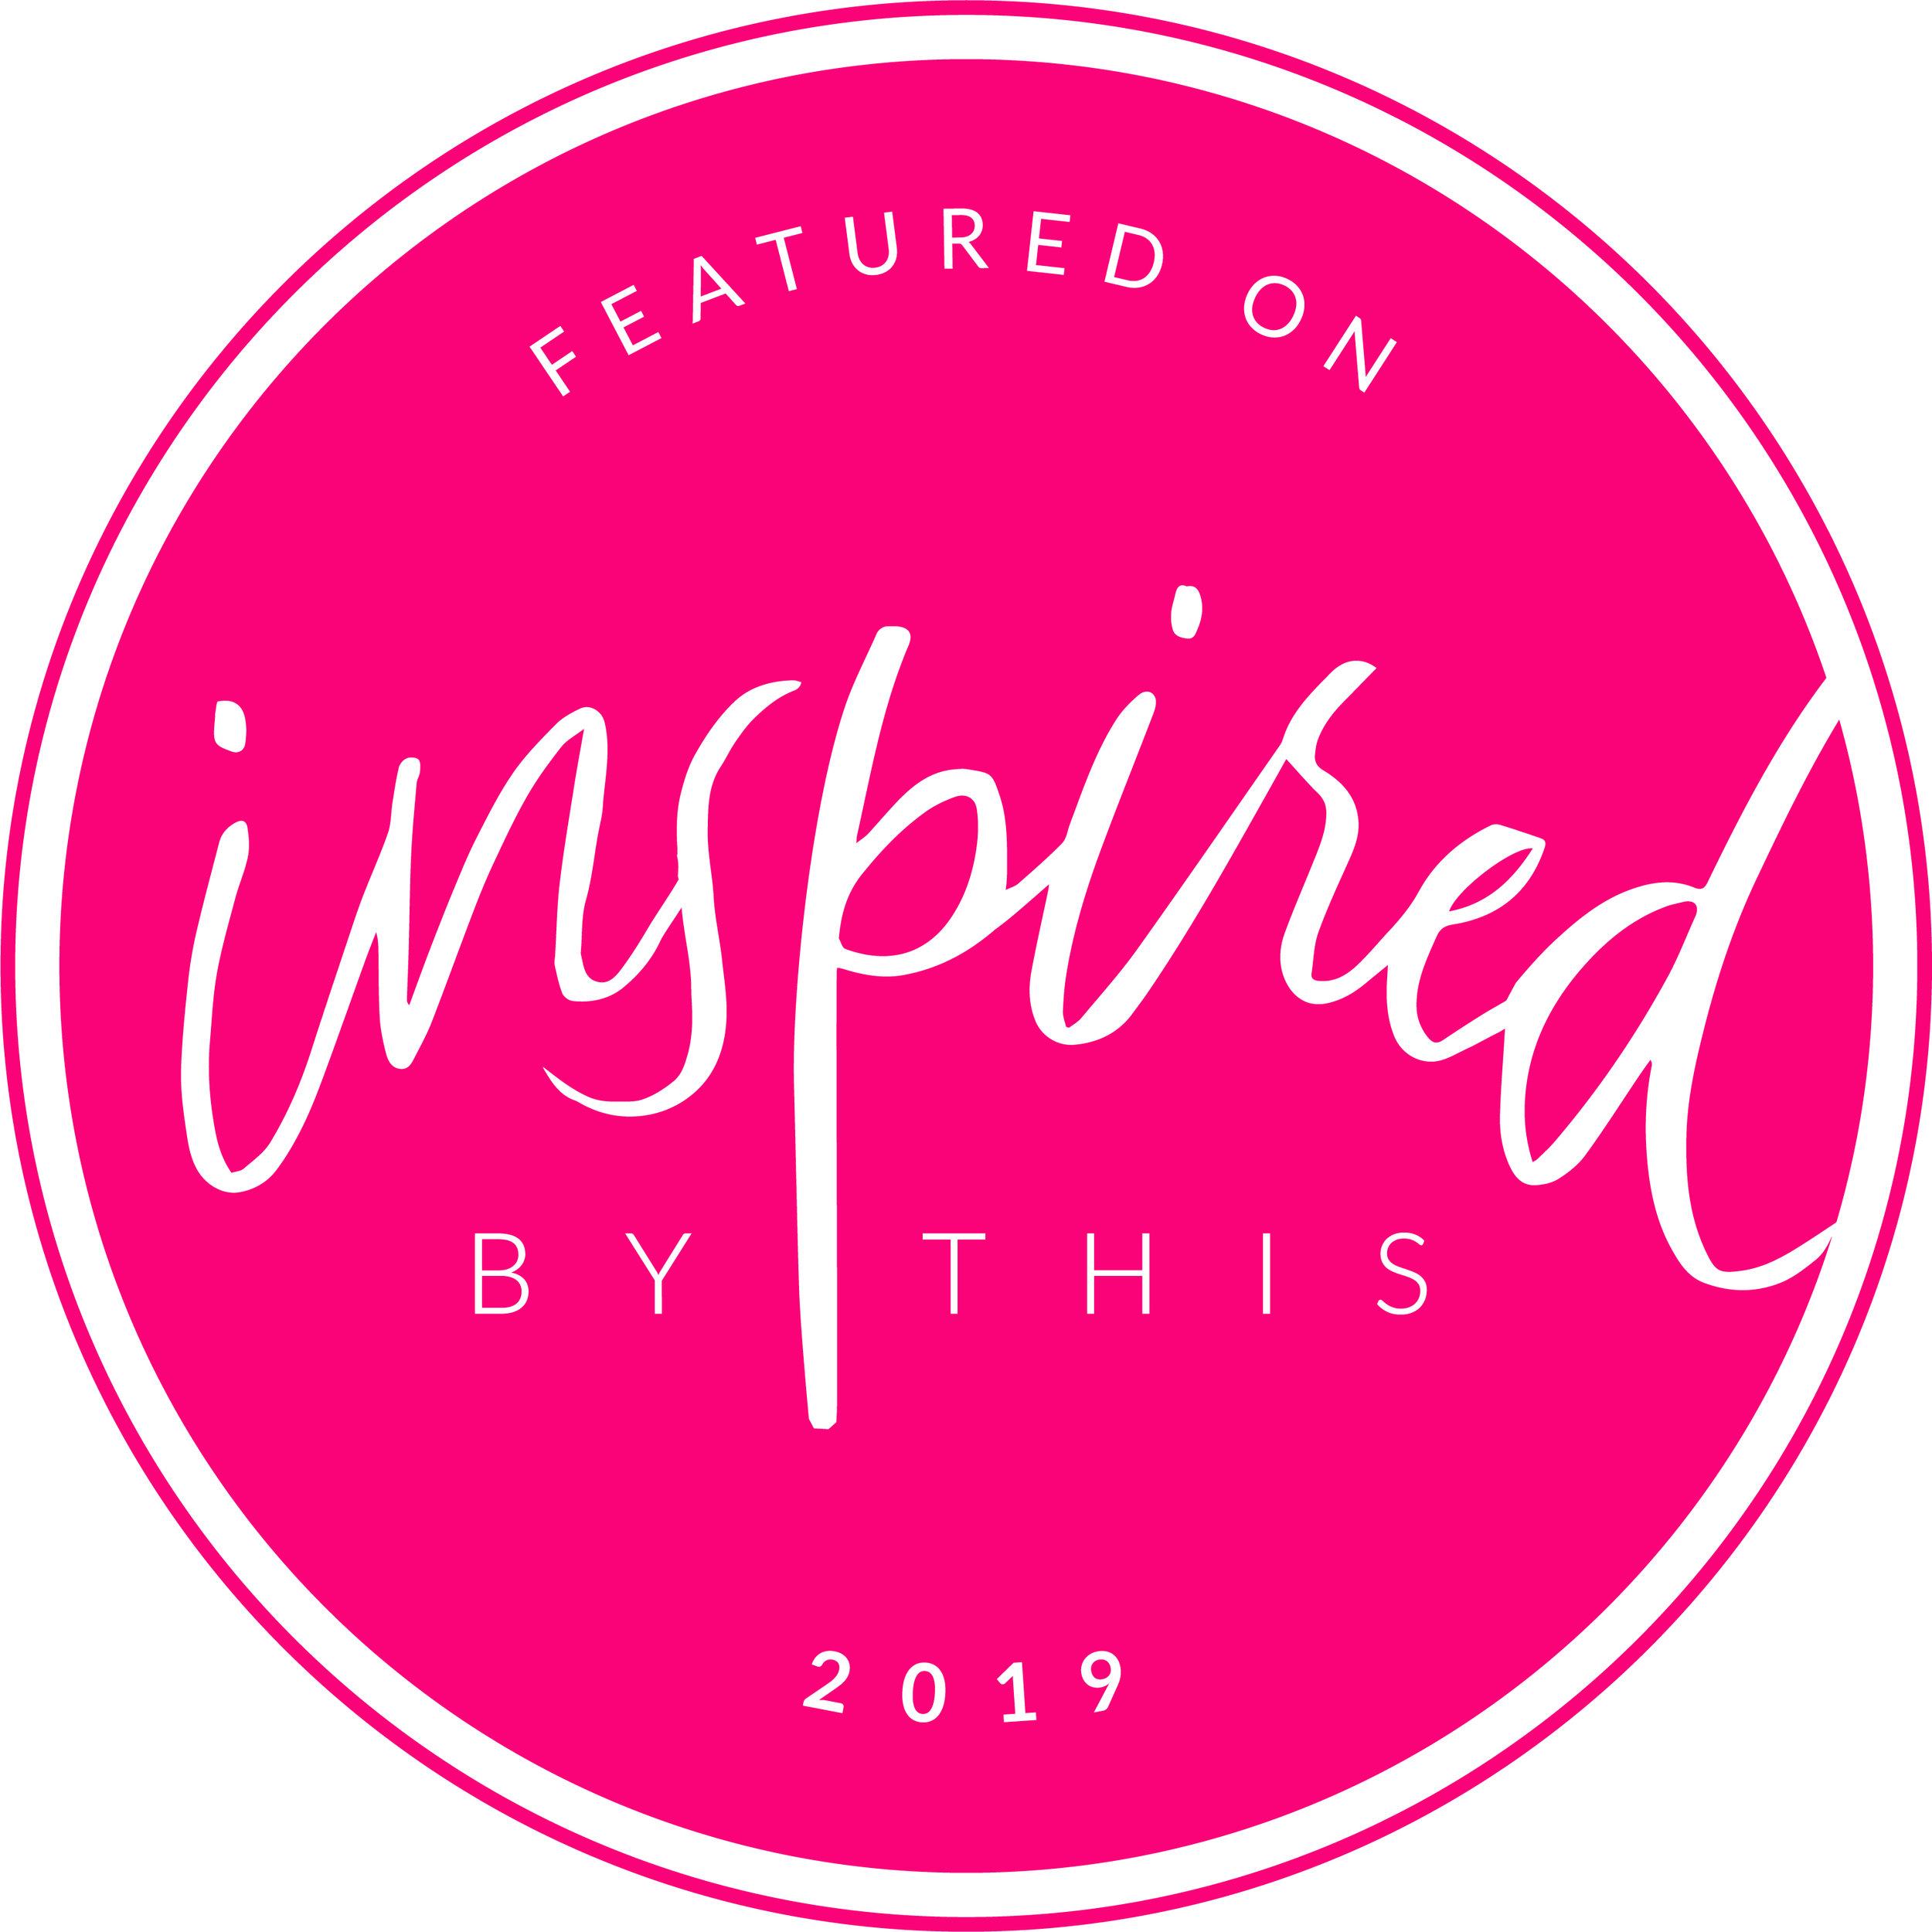 IBT_Badge(Pink)_2019_CMYK.jpg